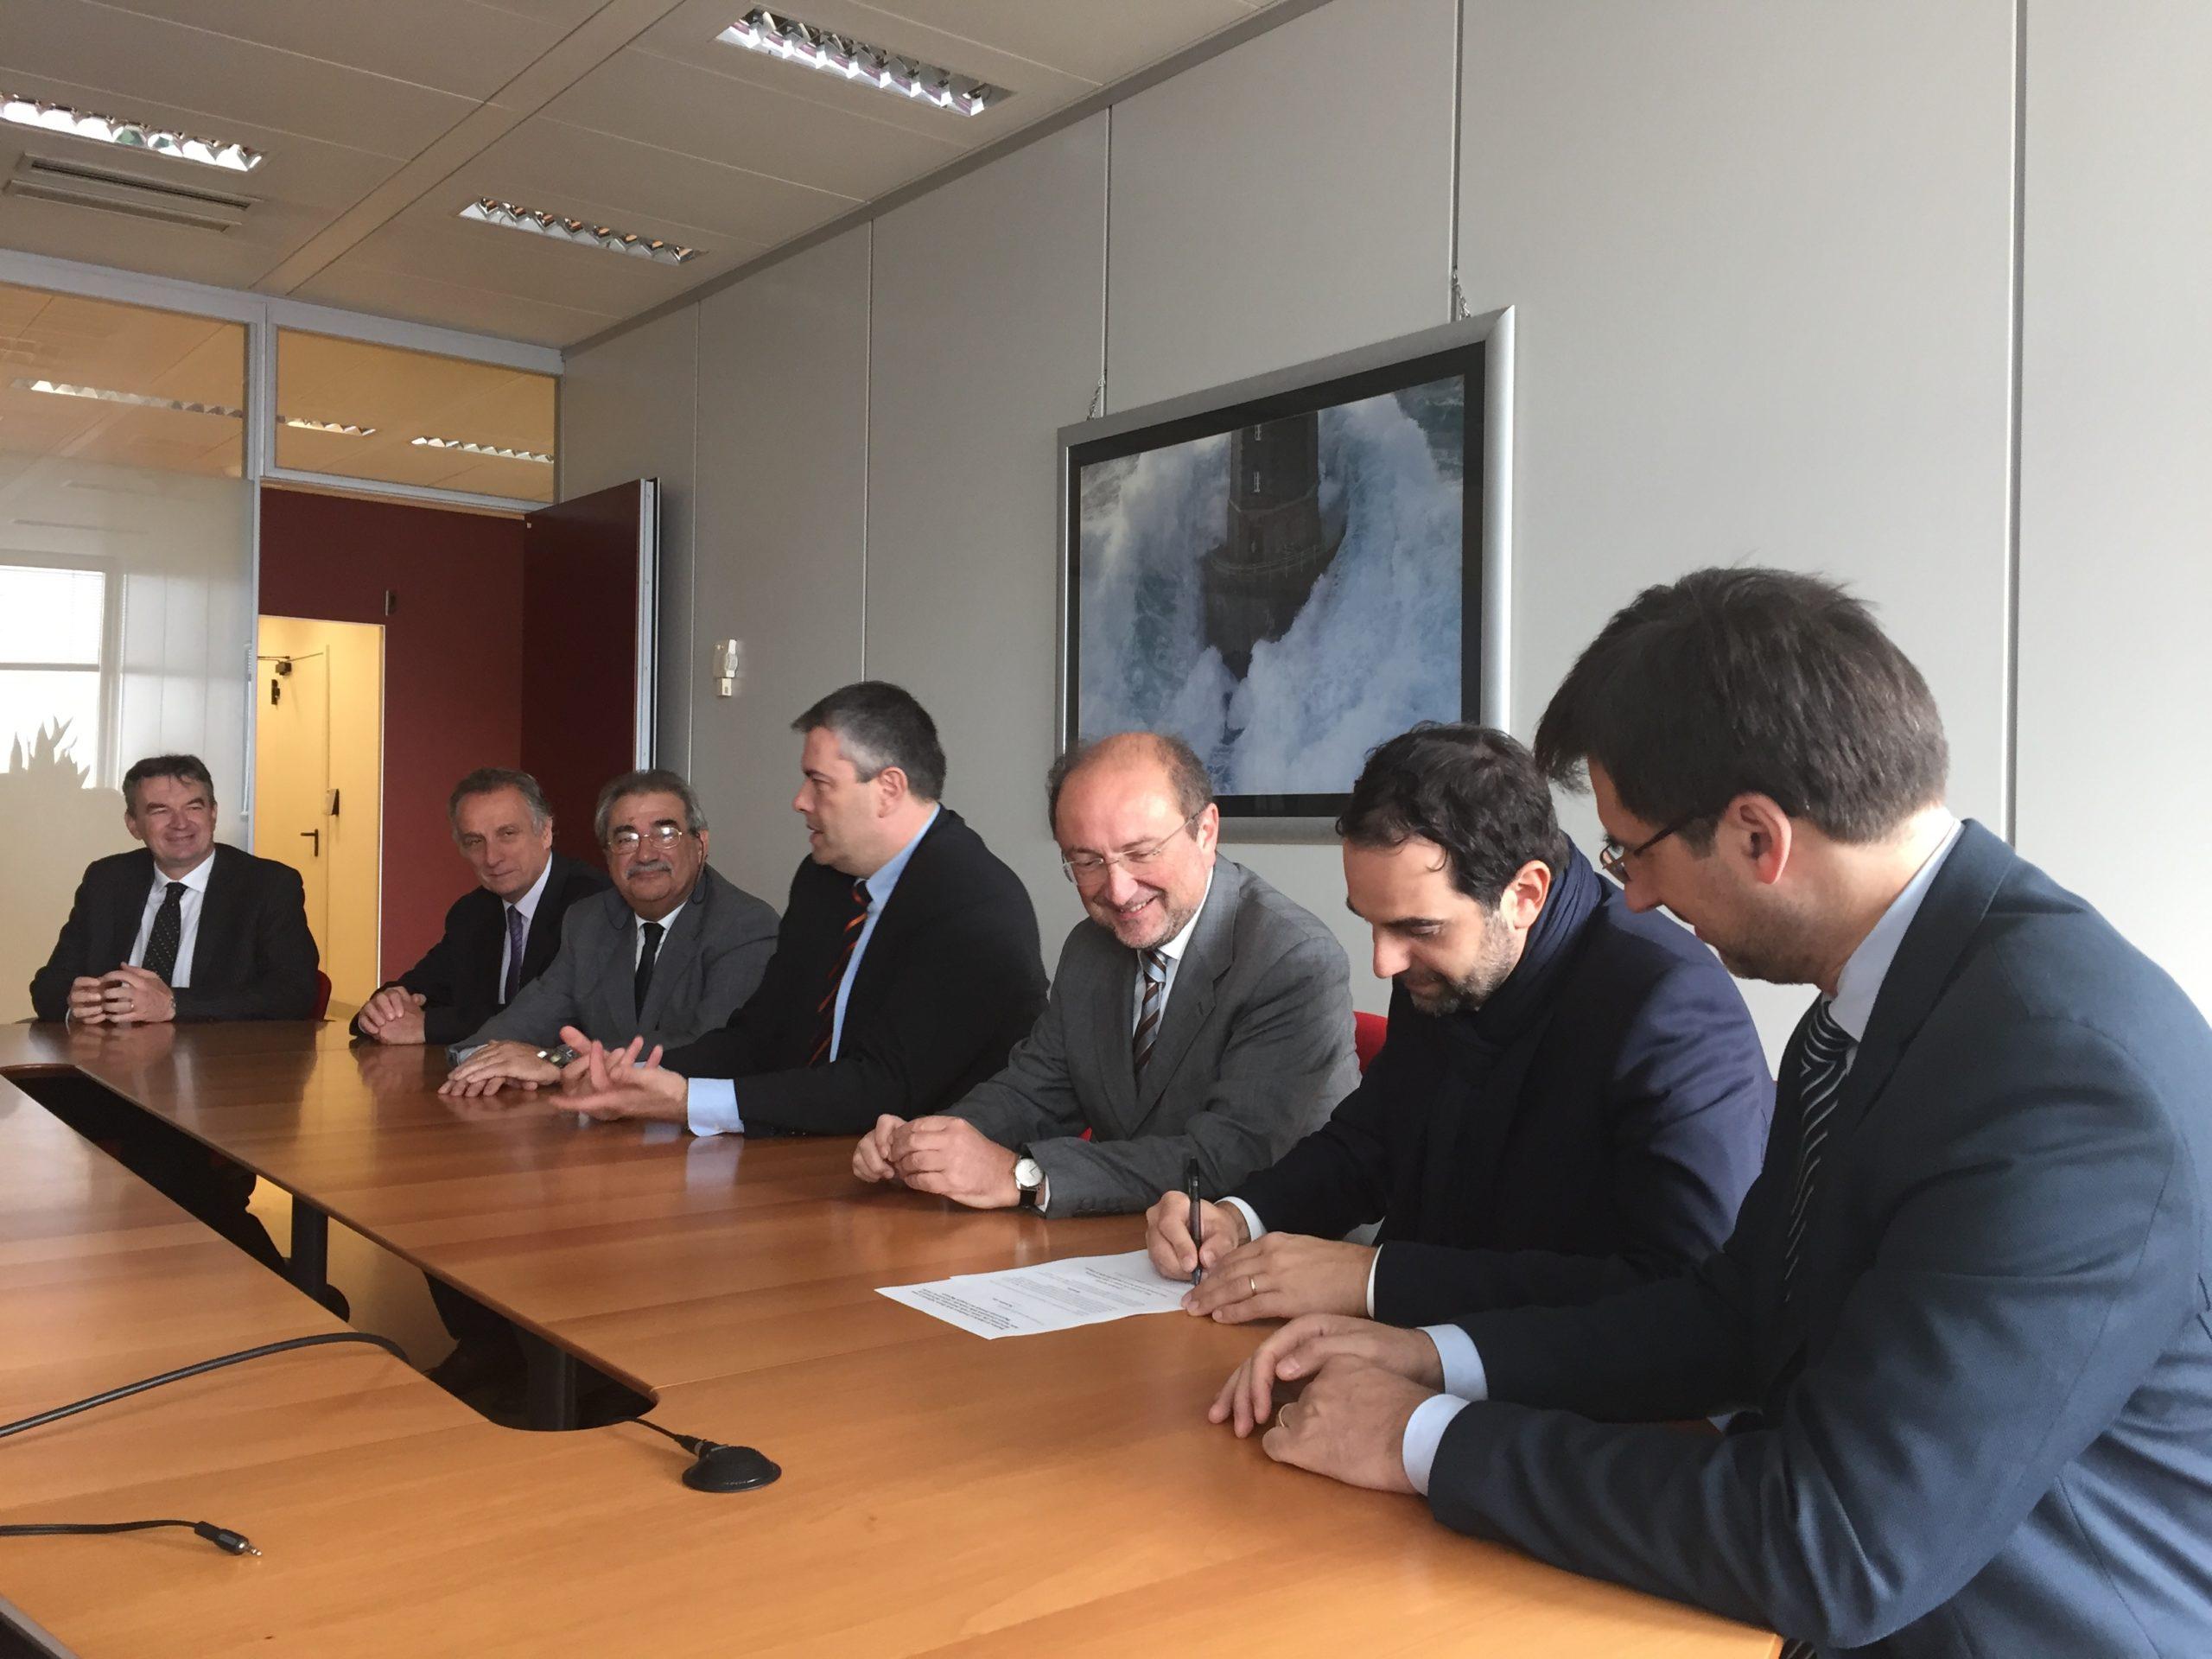 Firmata e presentata la mozione di sfiducia a Maroni